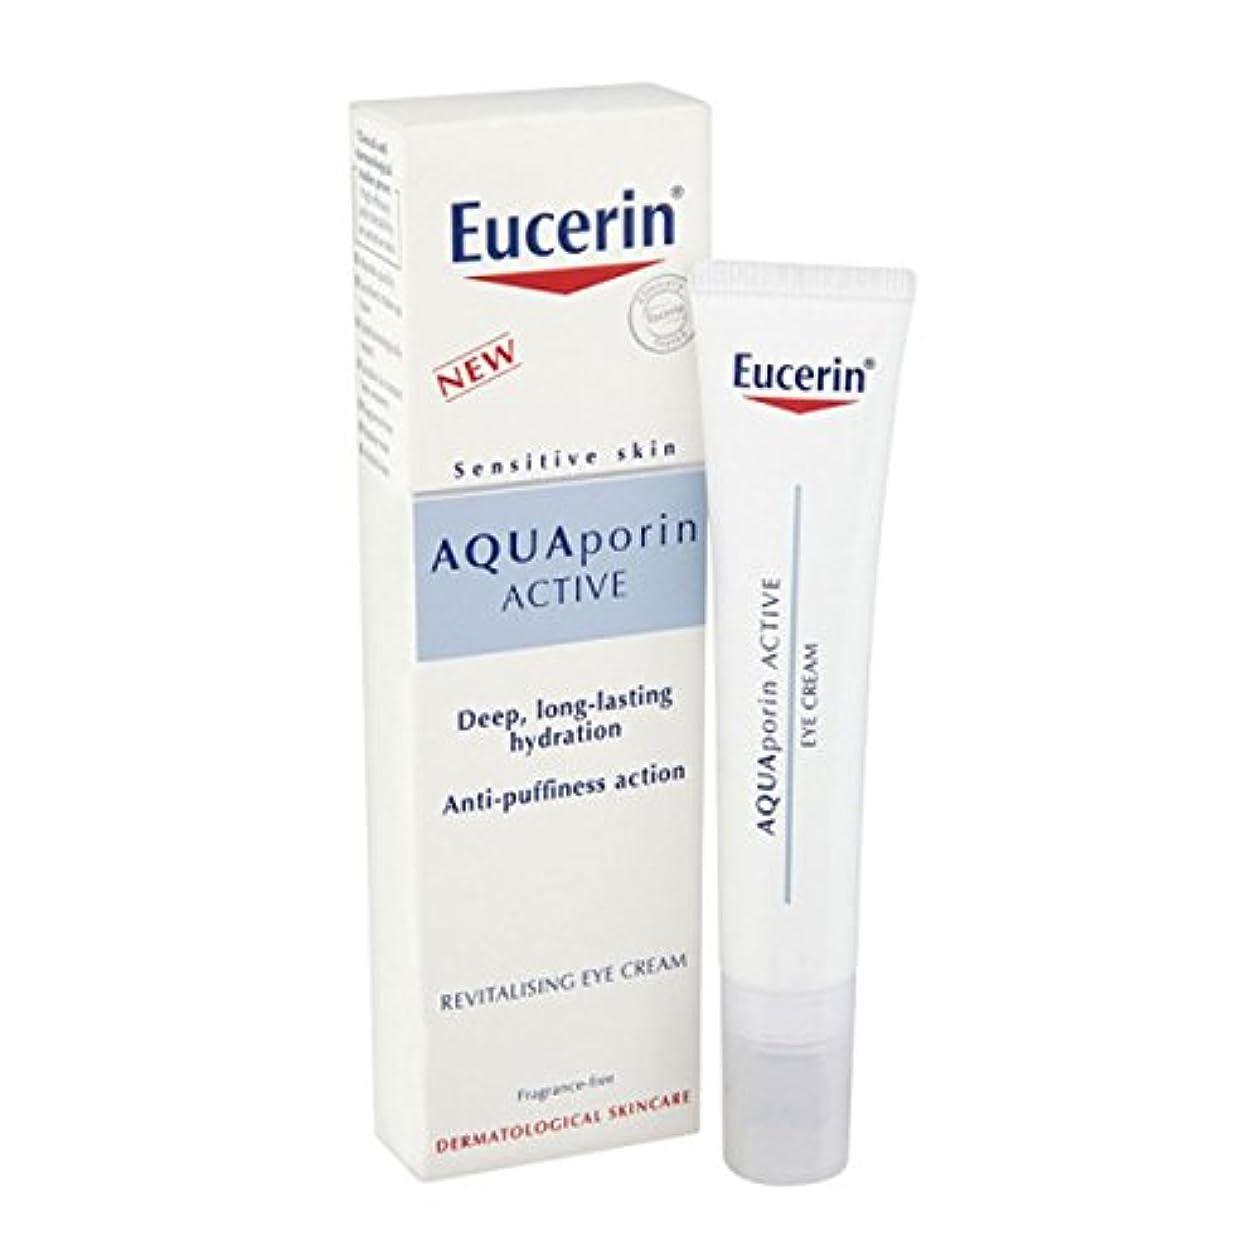 セッション故意にそれらEucerin Aquaporin Eye Care 15ml [並行輸入品]